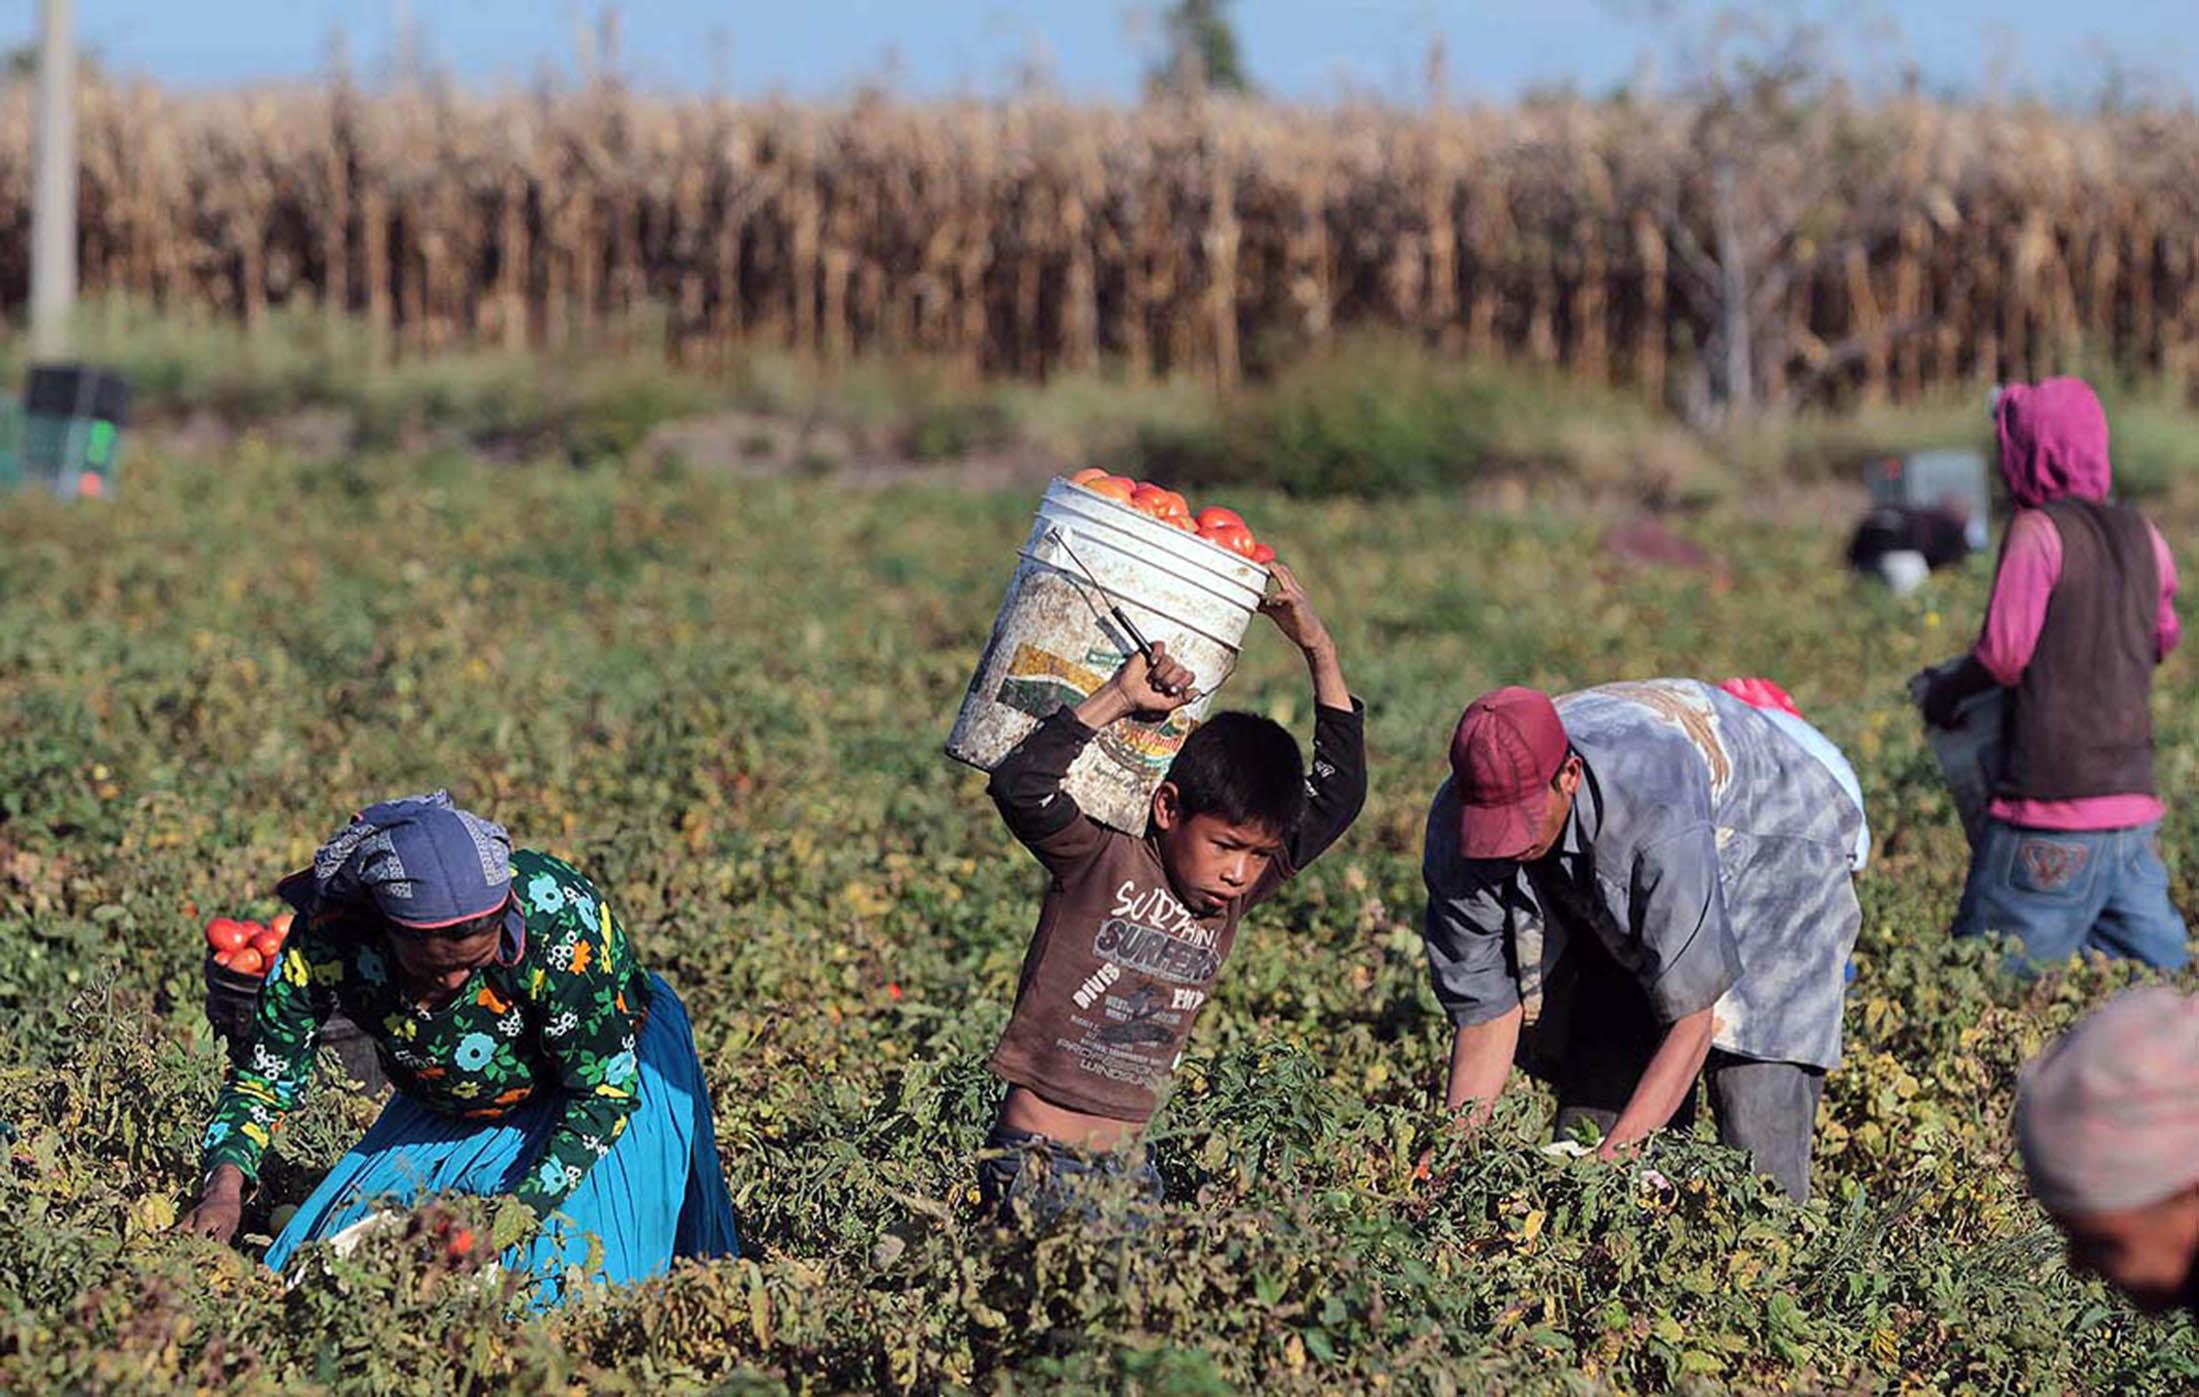 Cerraron 27 comedores para hijos de jornaleros en Sinaloa